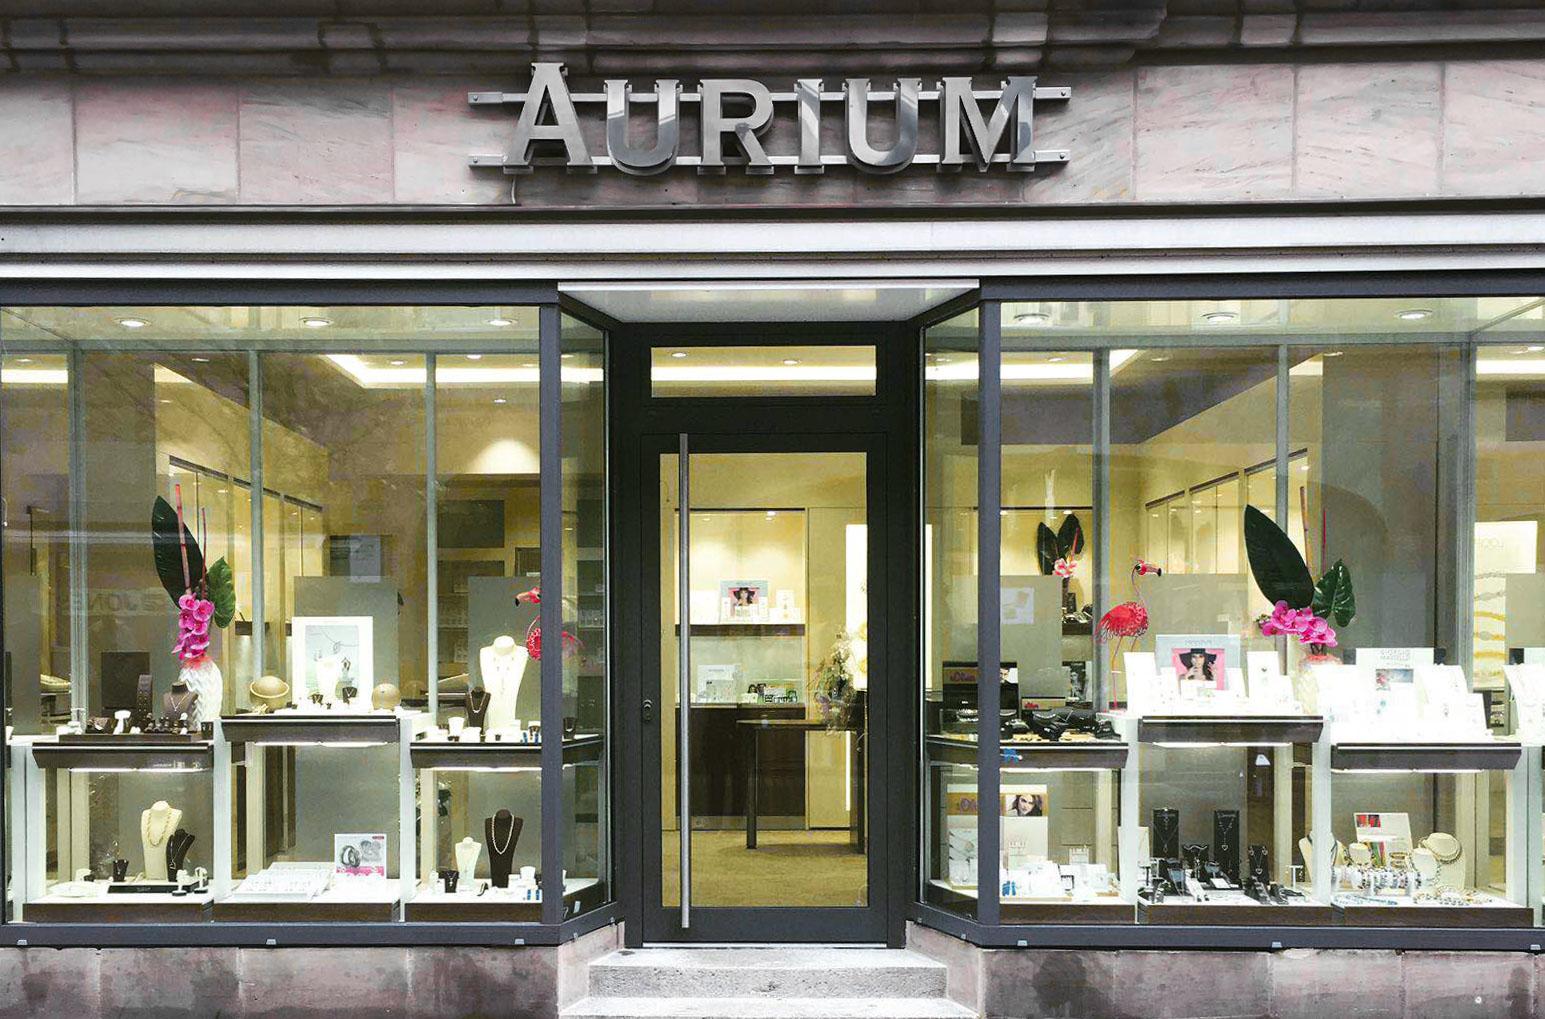 Juwelier Aurium